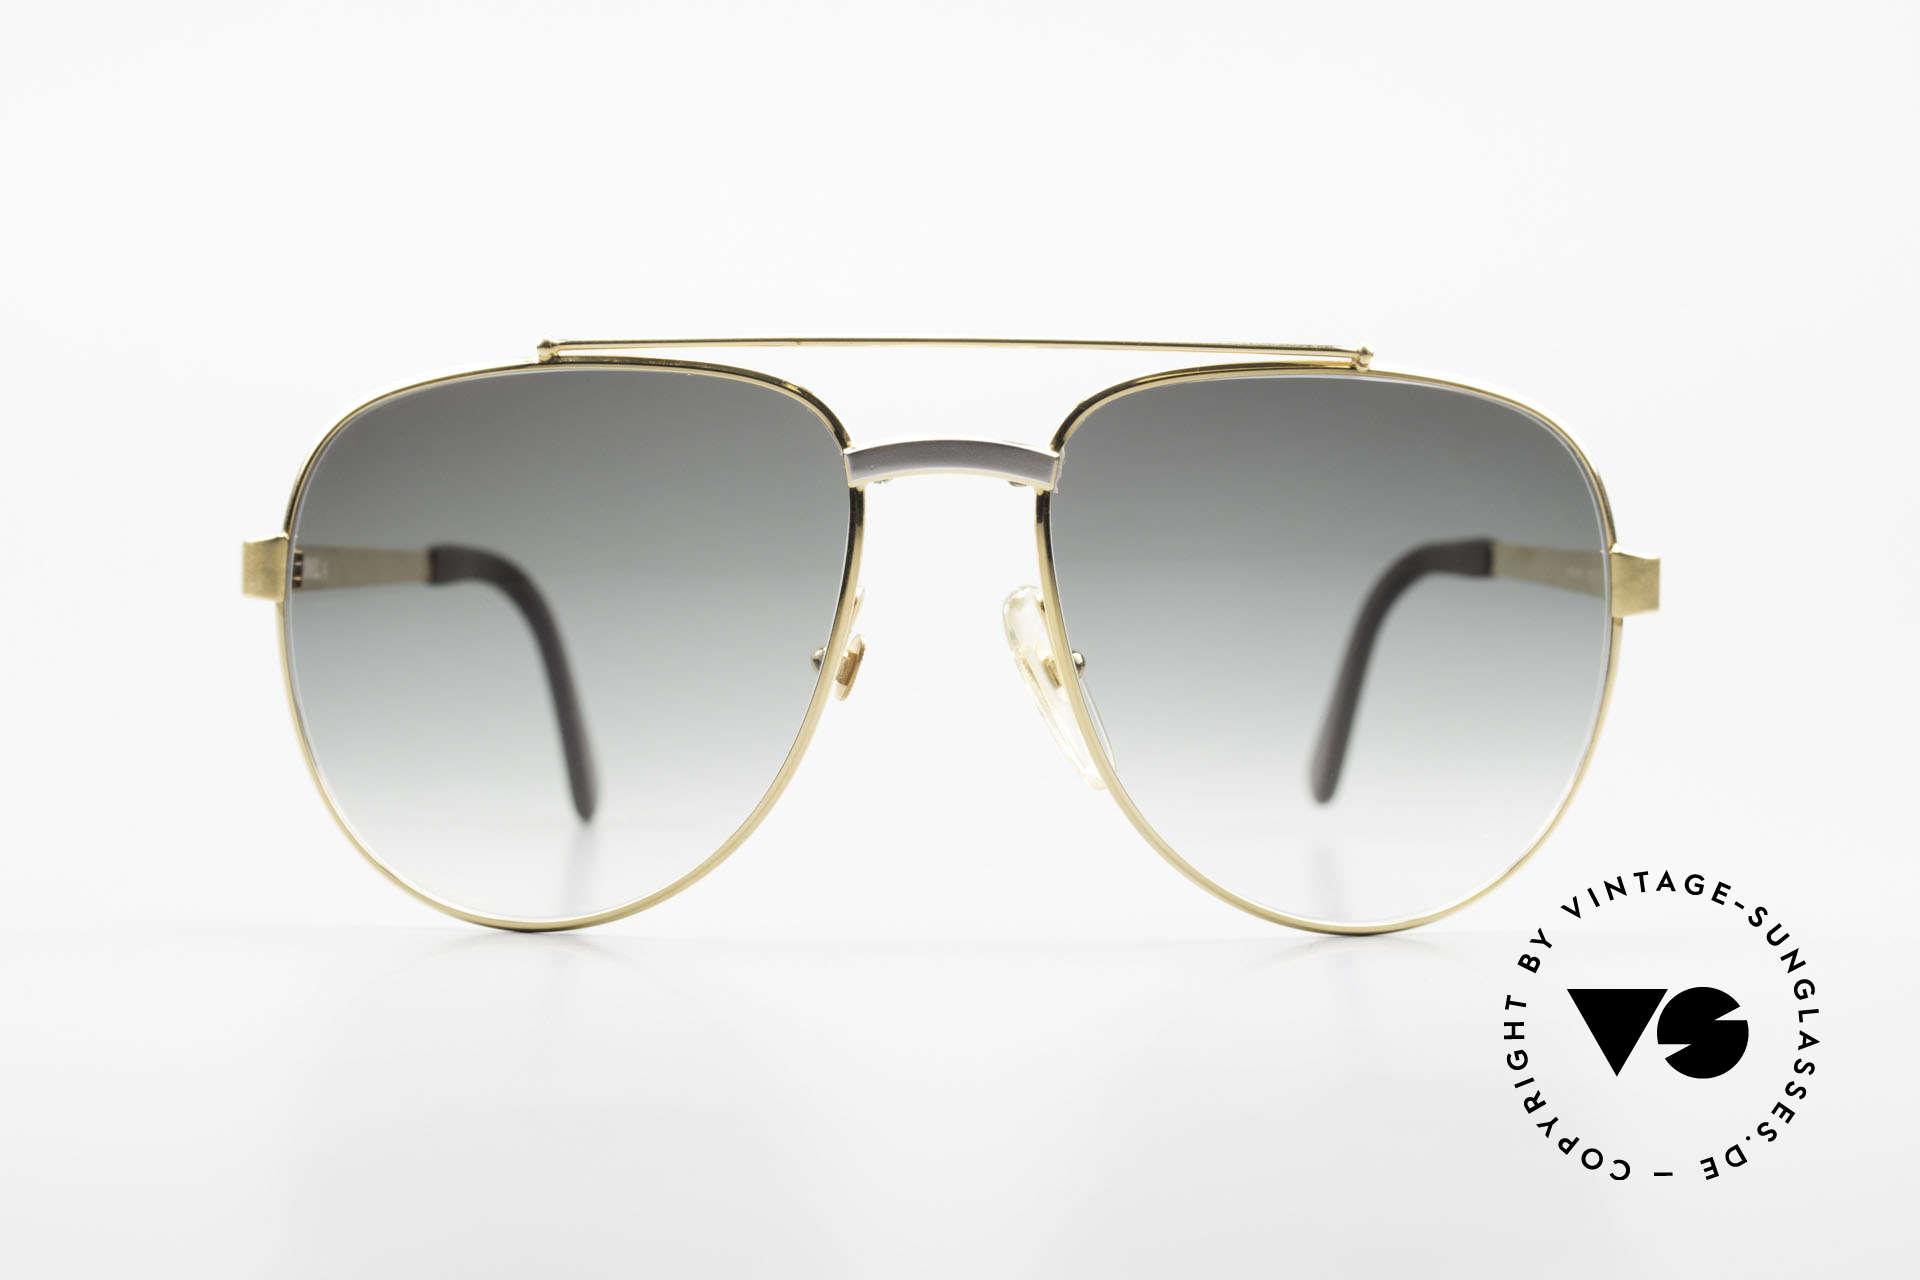 Dunhill 6029 Vergoldete Luxus Sonnenbrille, stilvolle Dunhill vintage Sonnenbrille von 1985, Passend für Herren